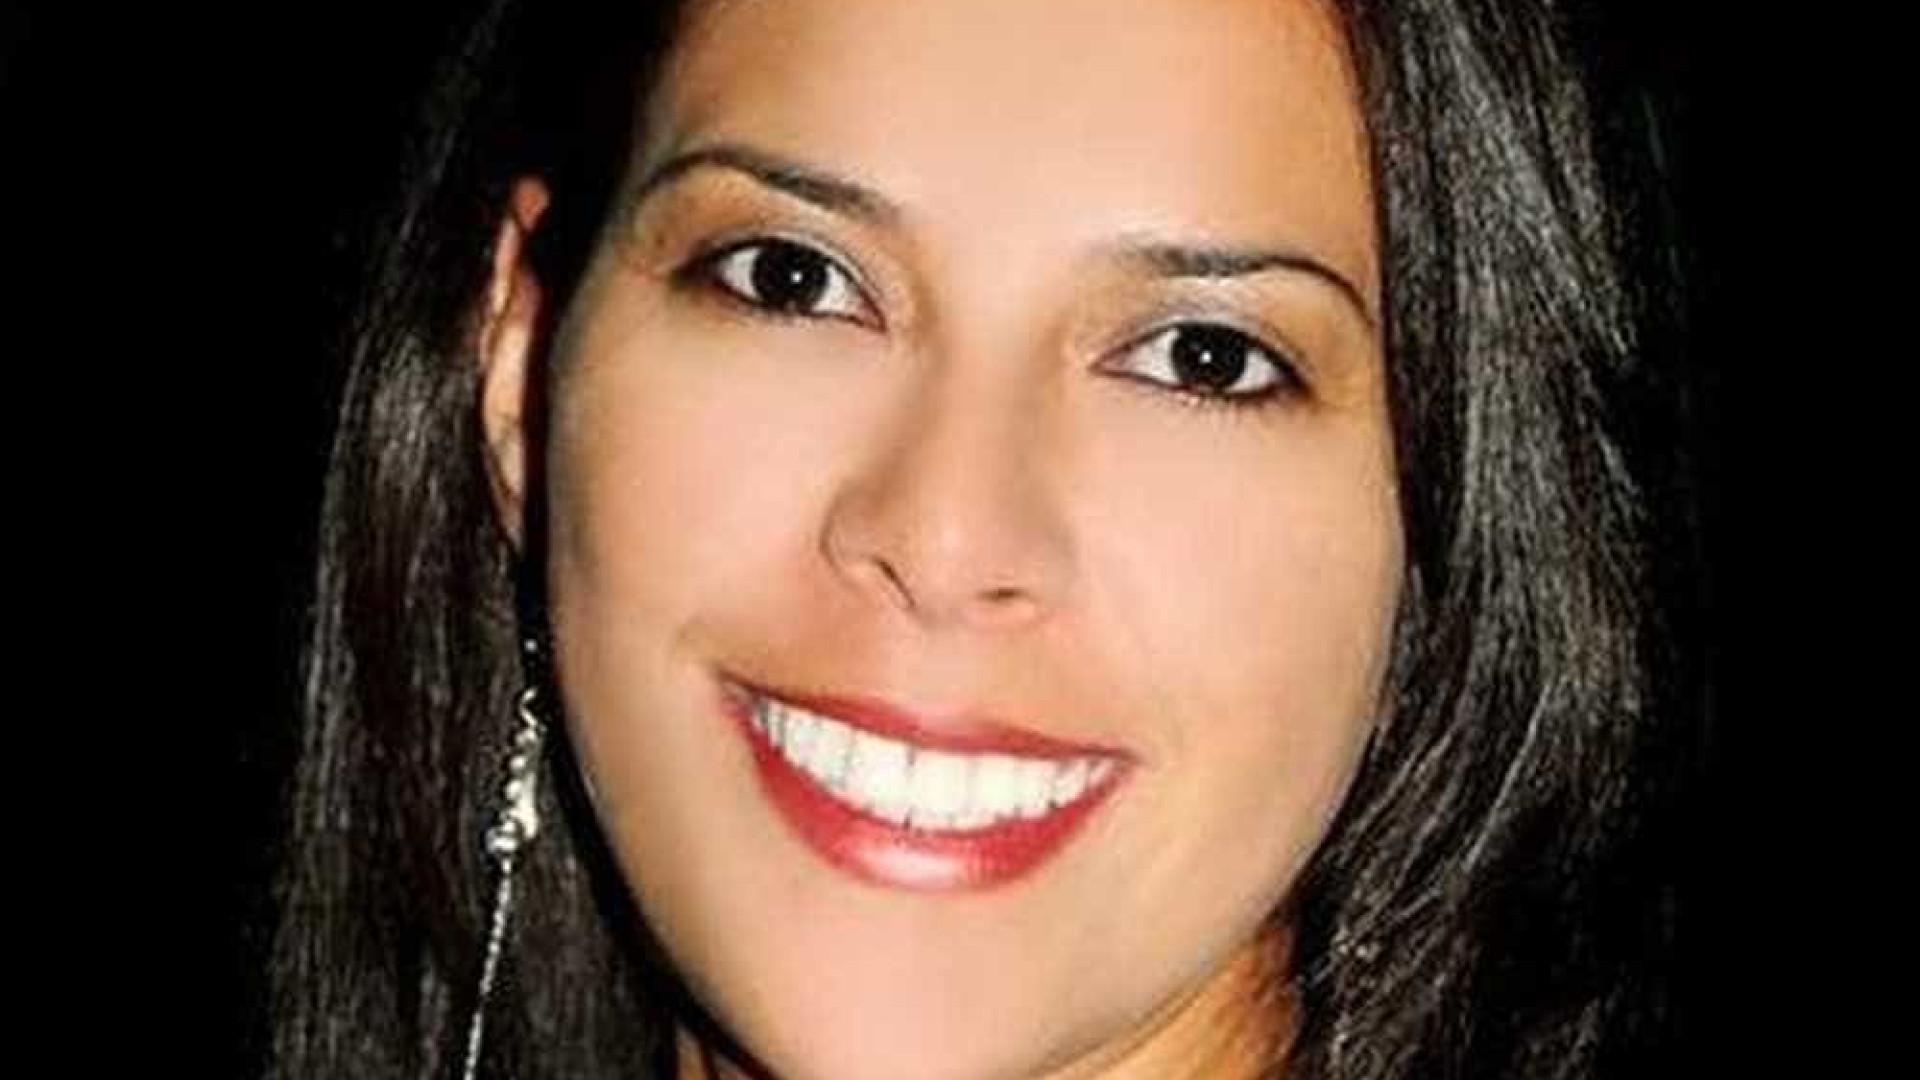 Servidora é encontrada morta a facadas na cama; ex-marido é suspeito